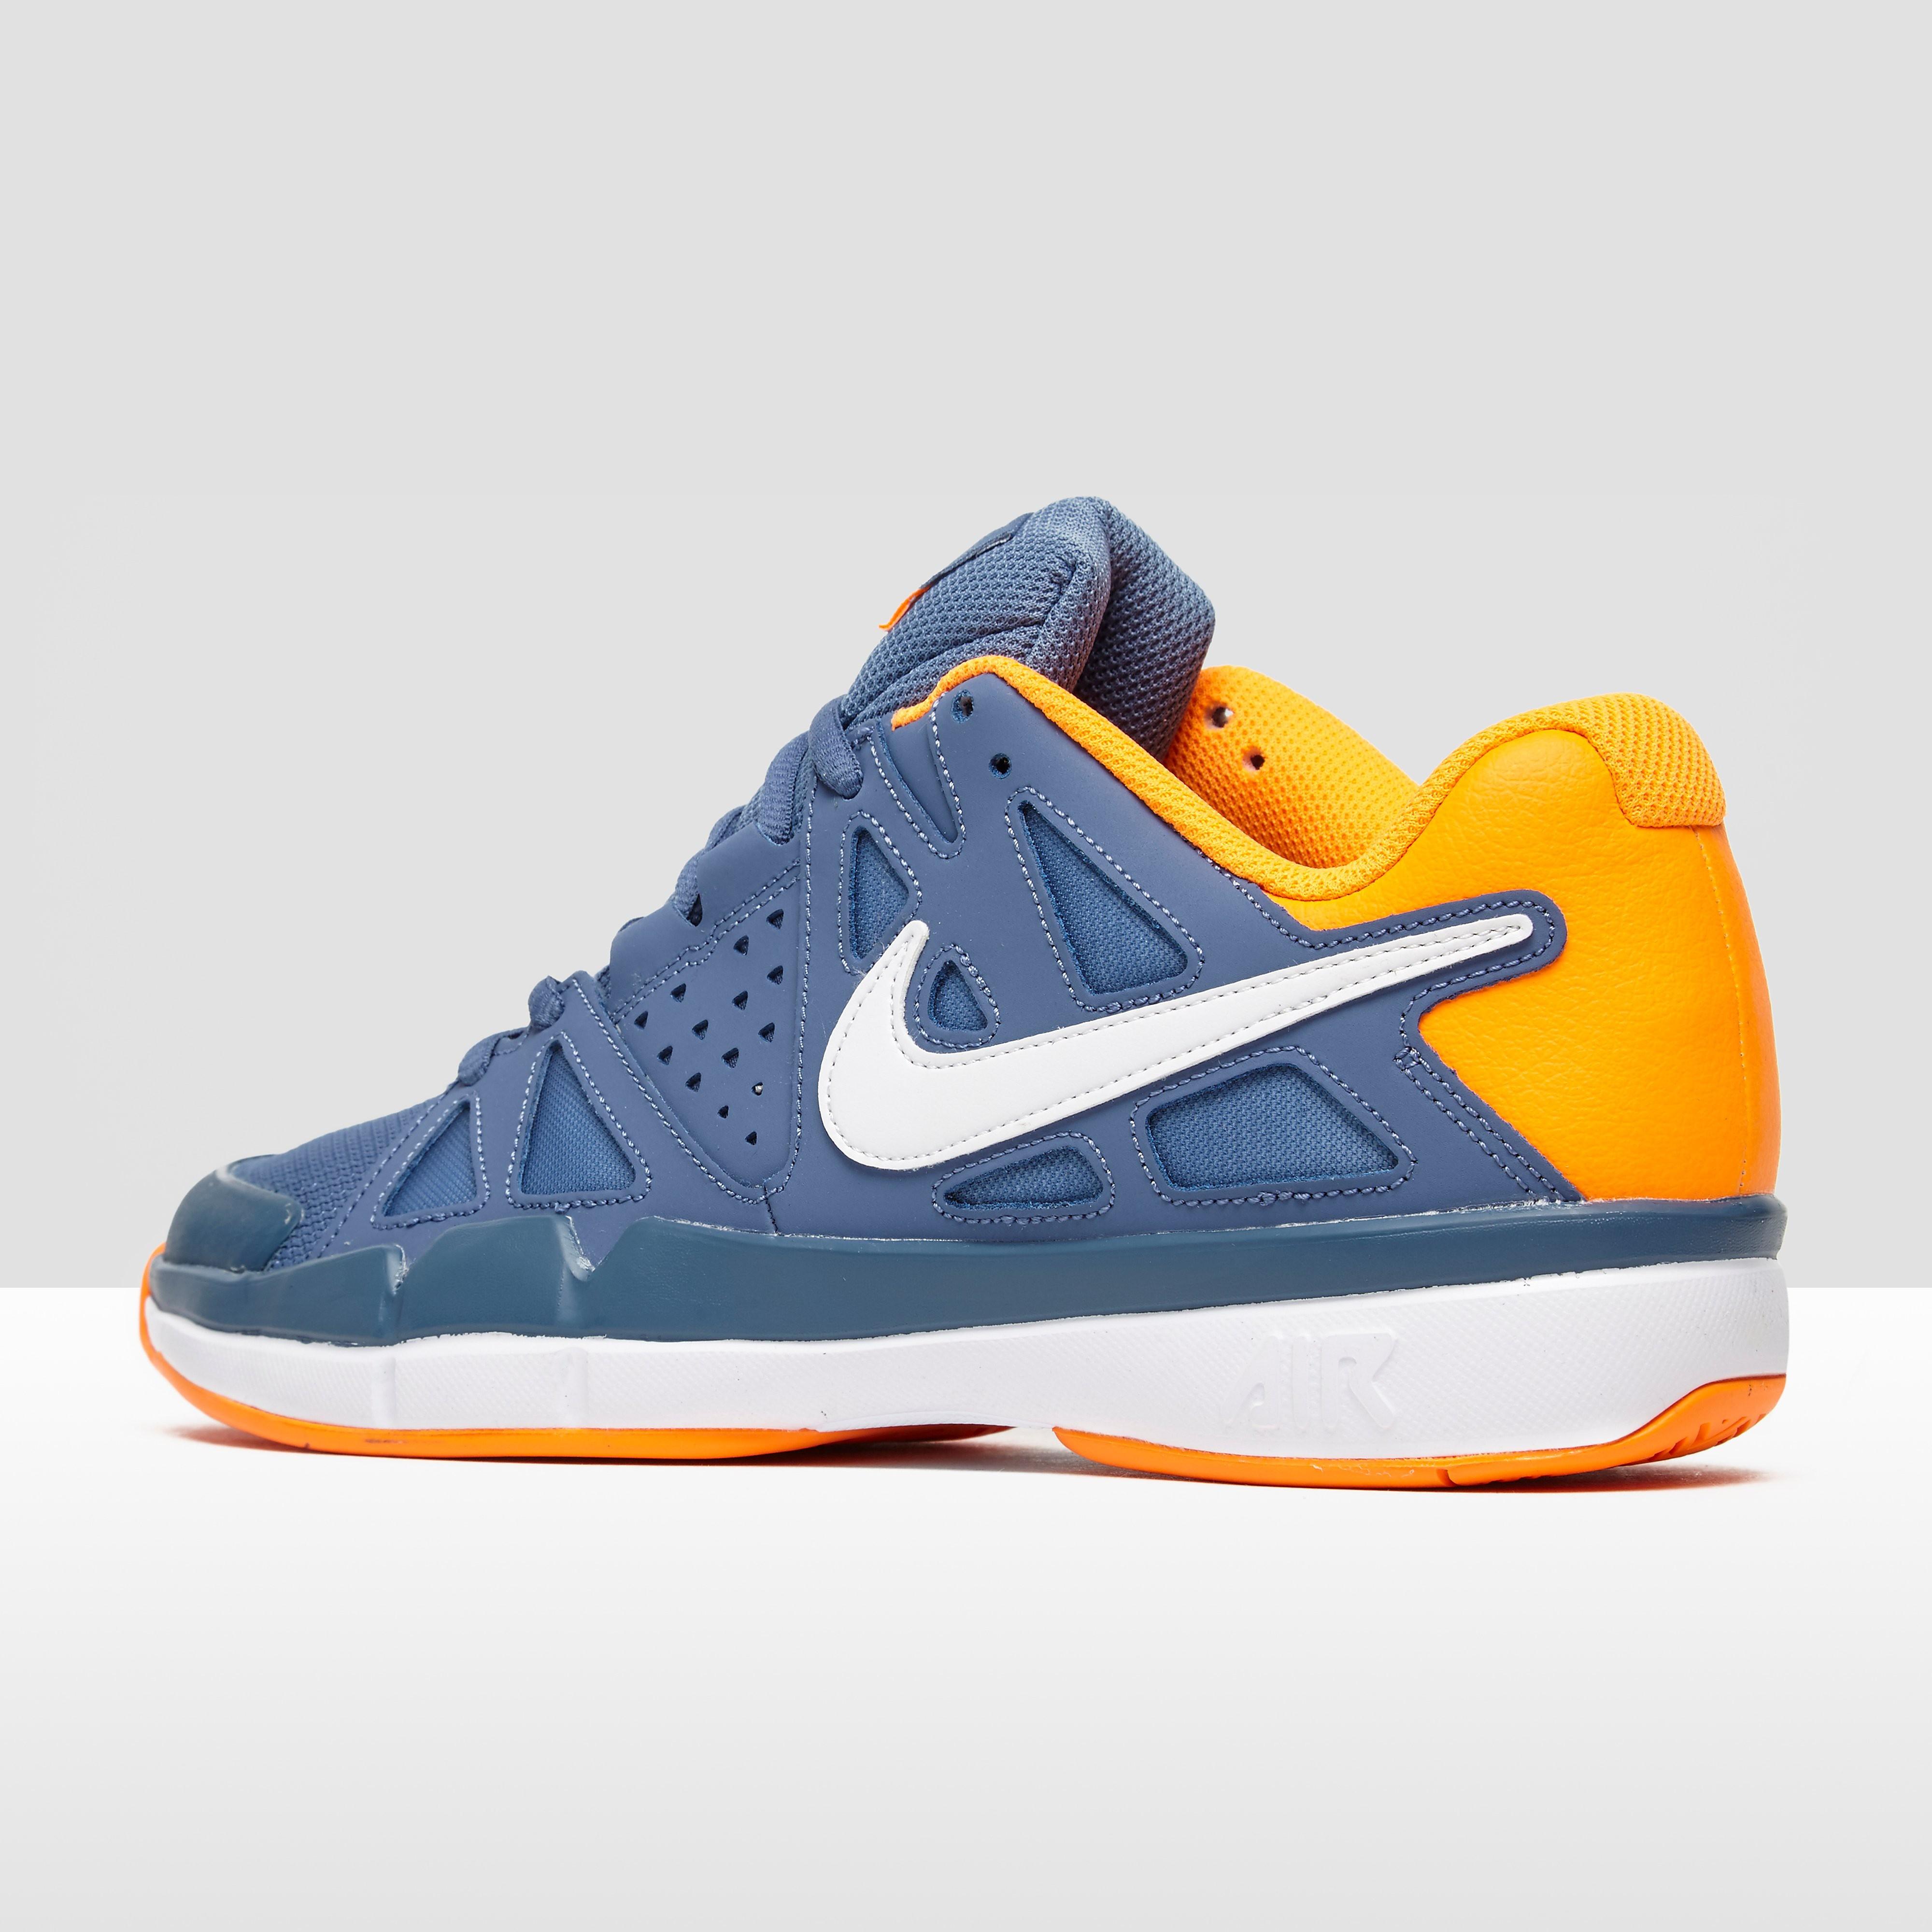 Nike Men's Court Air Vapor Advantage Tennis Shoes